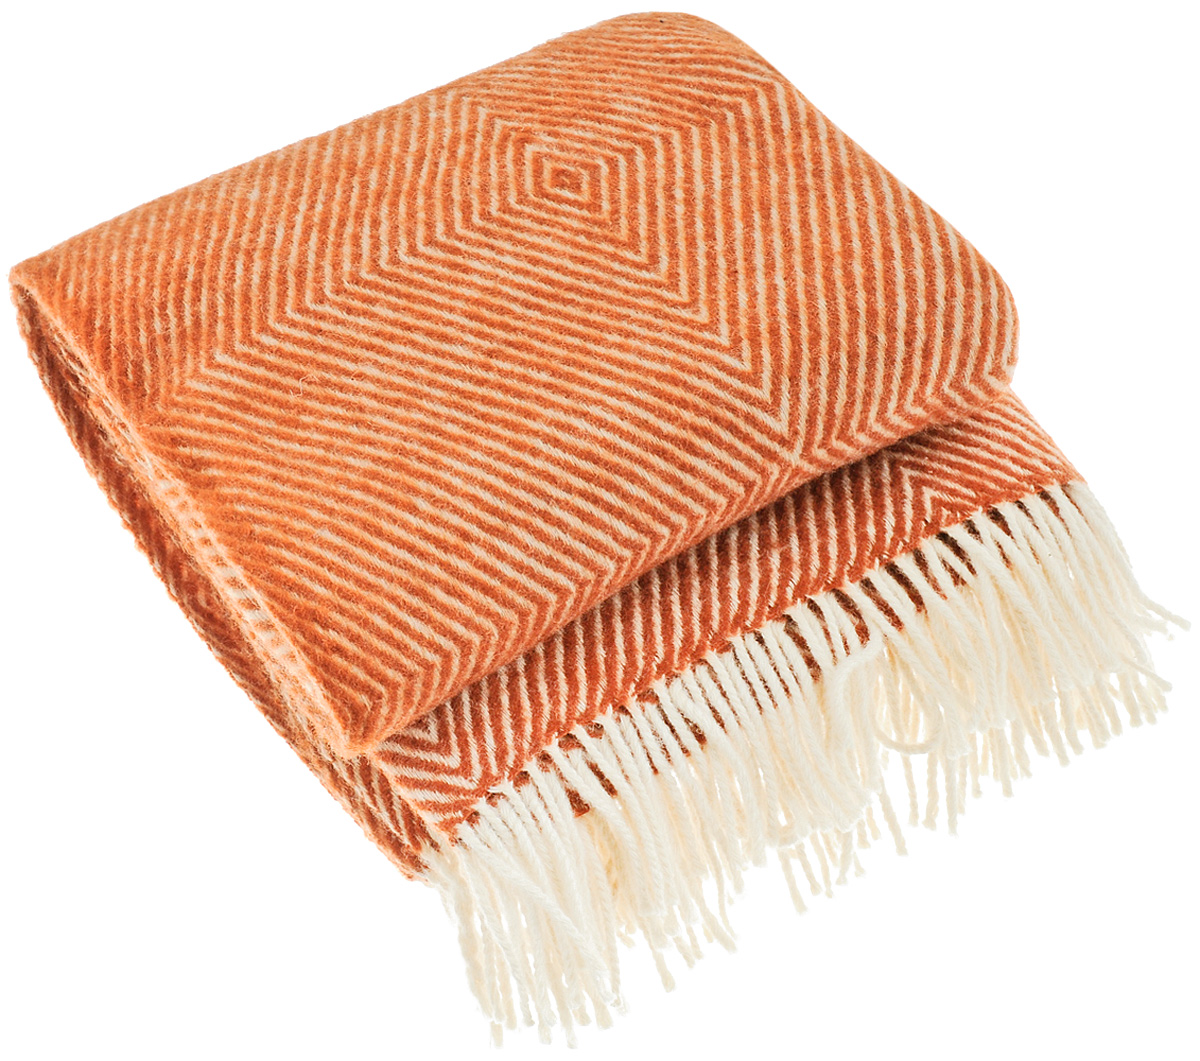 Плед Руно Bergamo, цвет: коричневый, 140 х 200 см 1-711-140_06SC-FD421005Теплый и уютный плед с кисточками Руно Bergamo выполнен из натуральной овечьей шерсти с добавлением искусственного волокна и оформлен принтом в полоску. Плед изготовлен с молезащитной обработкой.Под шерстяным пледом вам никогда не станет жарко или холодно, он помогает поддерживать постоянную температуру тела. Шерсть обладает прекрасной воздухопроницаемостью, она поглощает и нейтрализует вредные вещества и славится своими целебными свойствами. Плед из шерсти станет лучшим лекарством для людей, страдающих ревматизмом, радикулитом, головными и мышечными болями, сердечно-сосудистыми заболеваниями и нарушениями кровообращения. Шерсть не электризуется. Она прочна, износостойка, долговечна. Наконец, шерсть просто приятна на ощупь, ее мягкость и фактура вызывают потрясающие тактильные ощущения! Такой плед идеально подойдет для дачного отдыха: он очень пригодится, как только захочется укутаться, дыша вечерним воздухом, выручит, если приехали гости, и всегда под рукой, когда придет в голову просто полежать на траве! А в квартире такое плед согреет в холодное время года и порадует нежными оттенками и интересным дизайном.